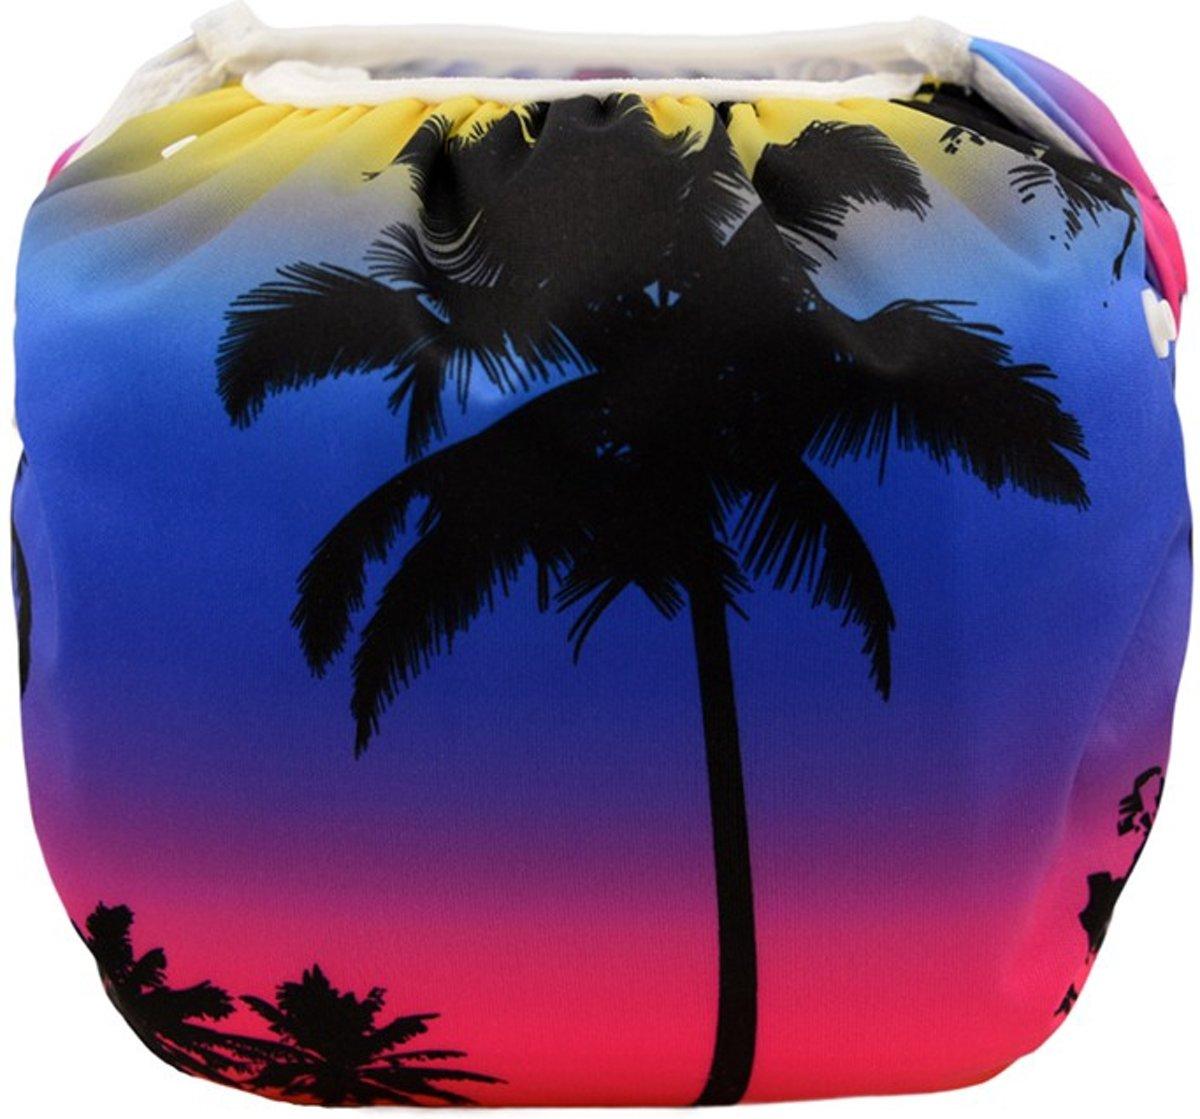 Zwemluier - Hawaï (grote maat)